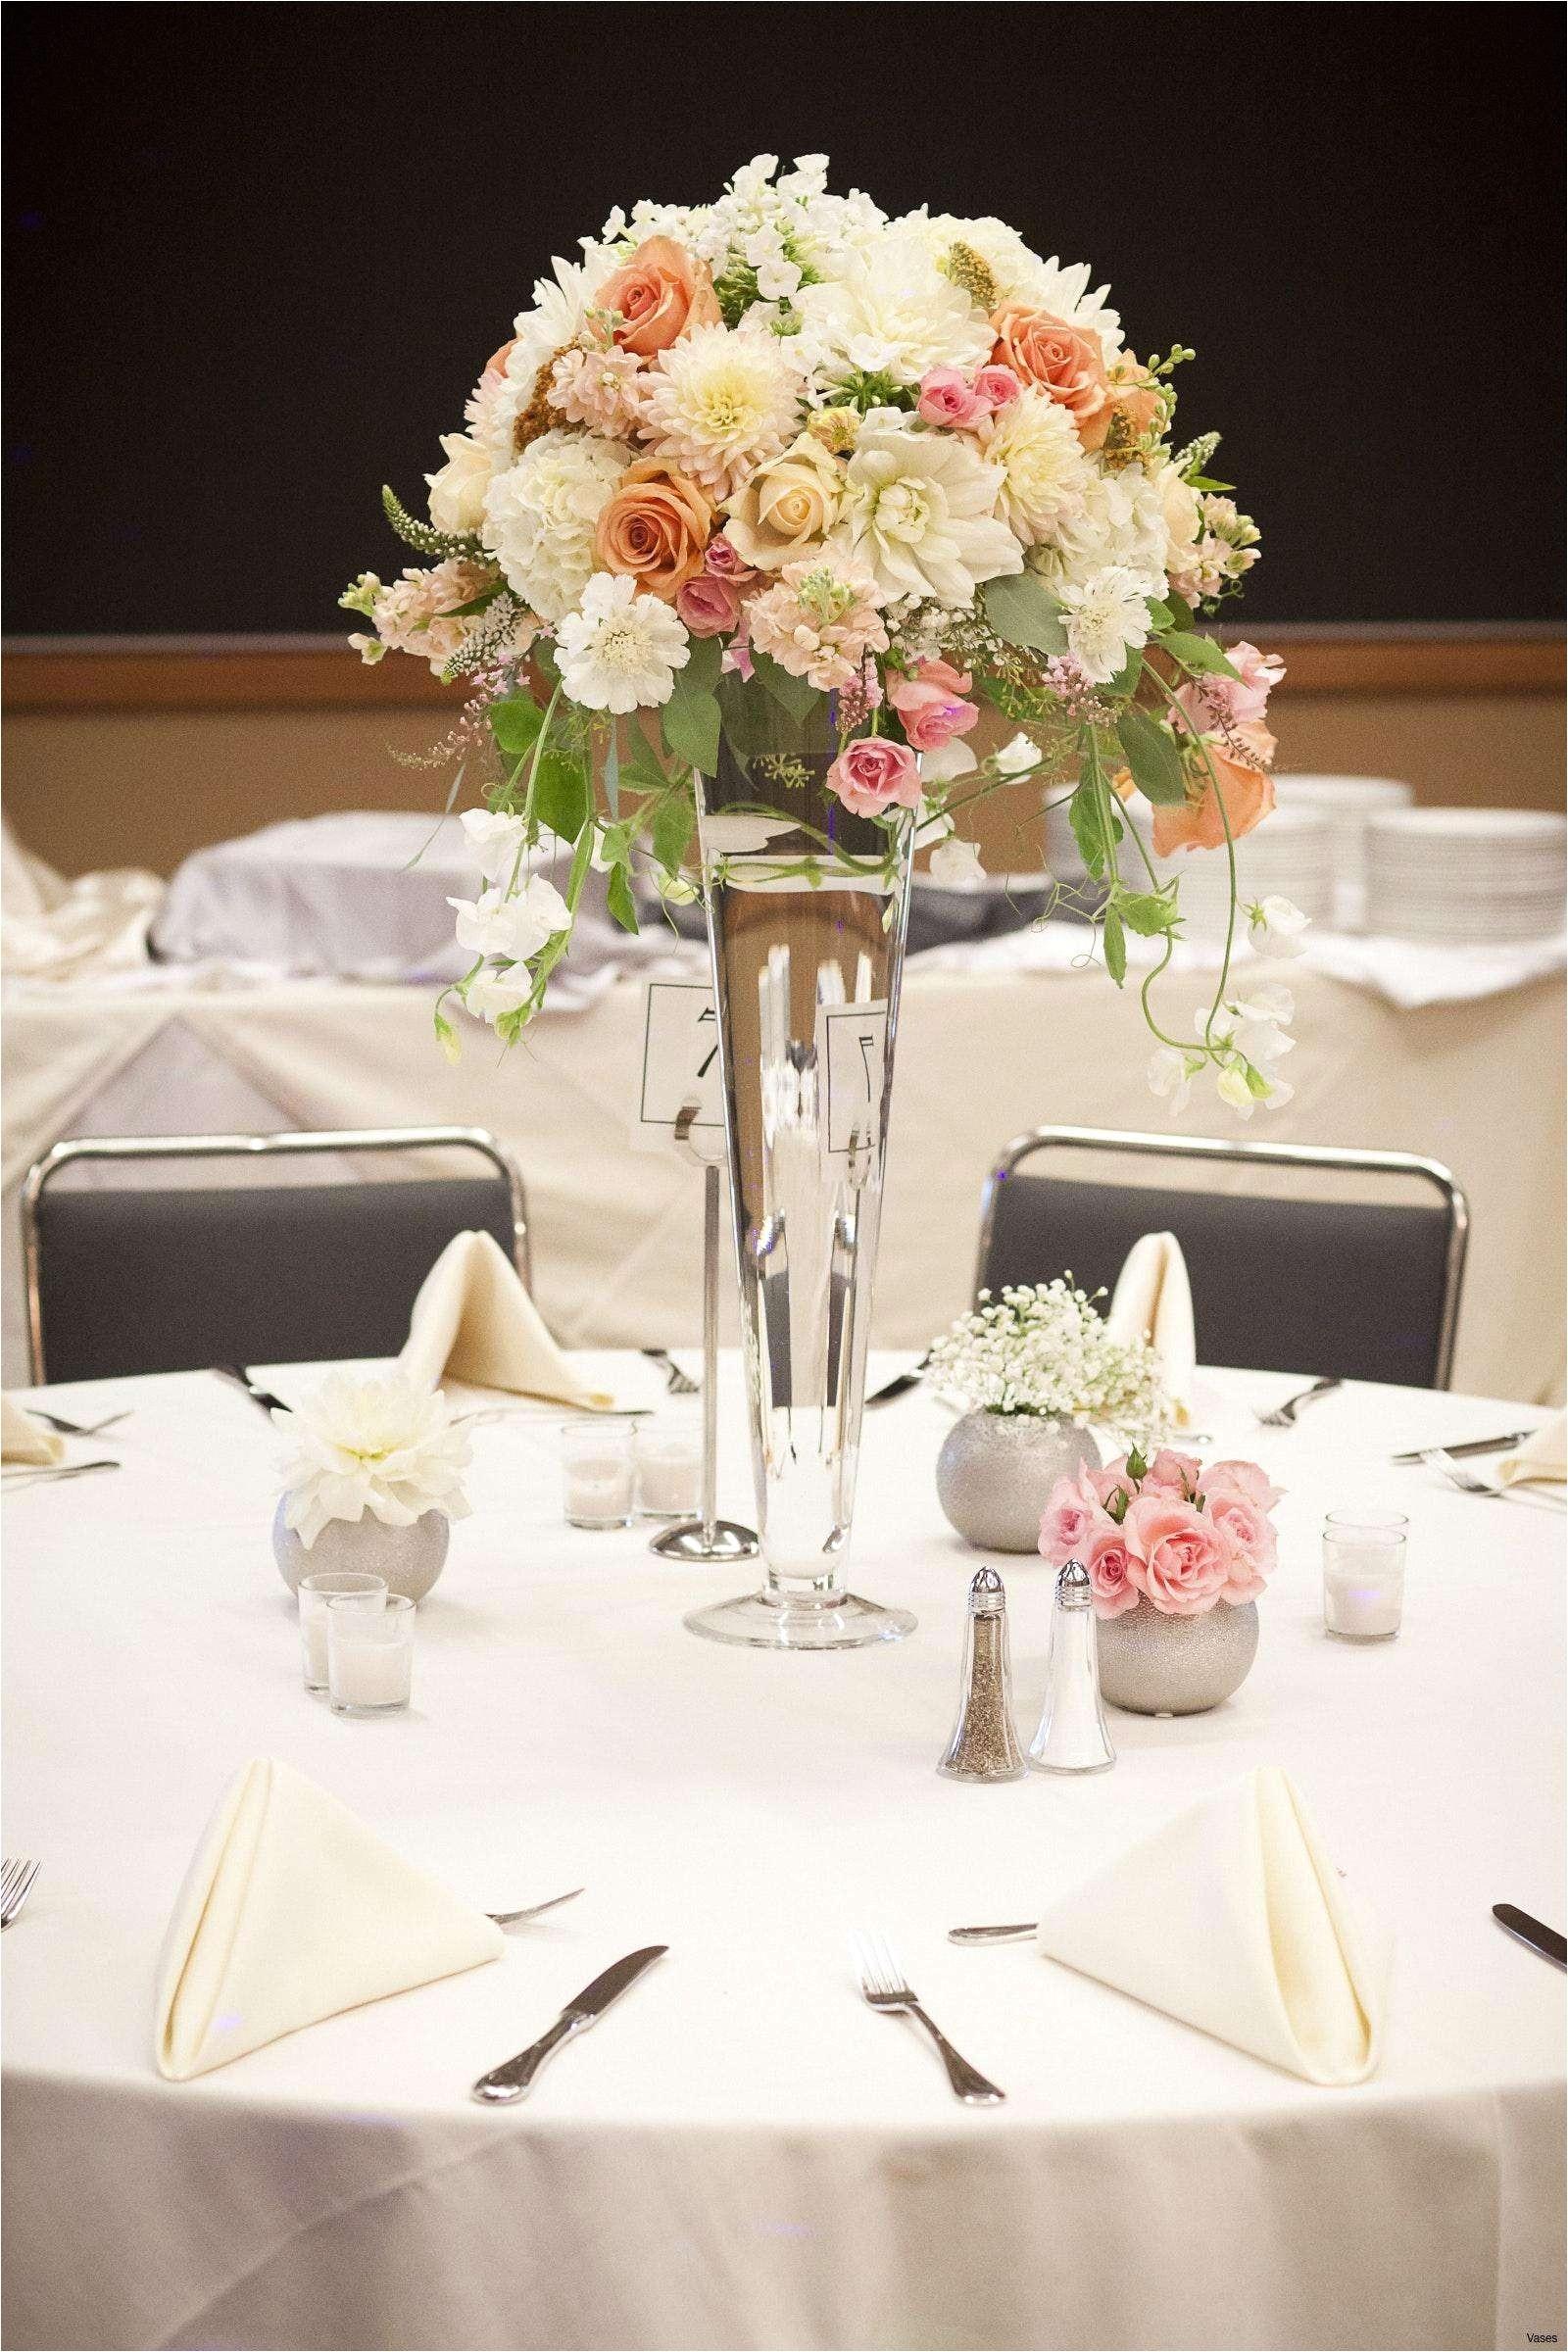 living room vases wedding inspirational h vases candy vase i 0d design bridal shower table 21466